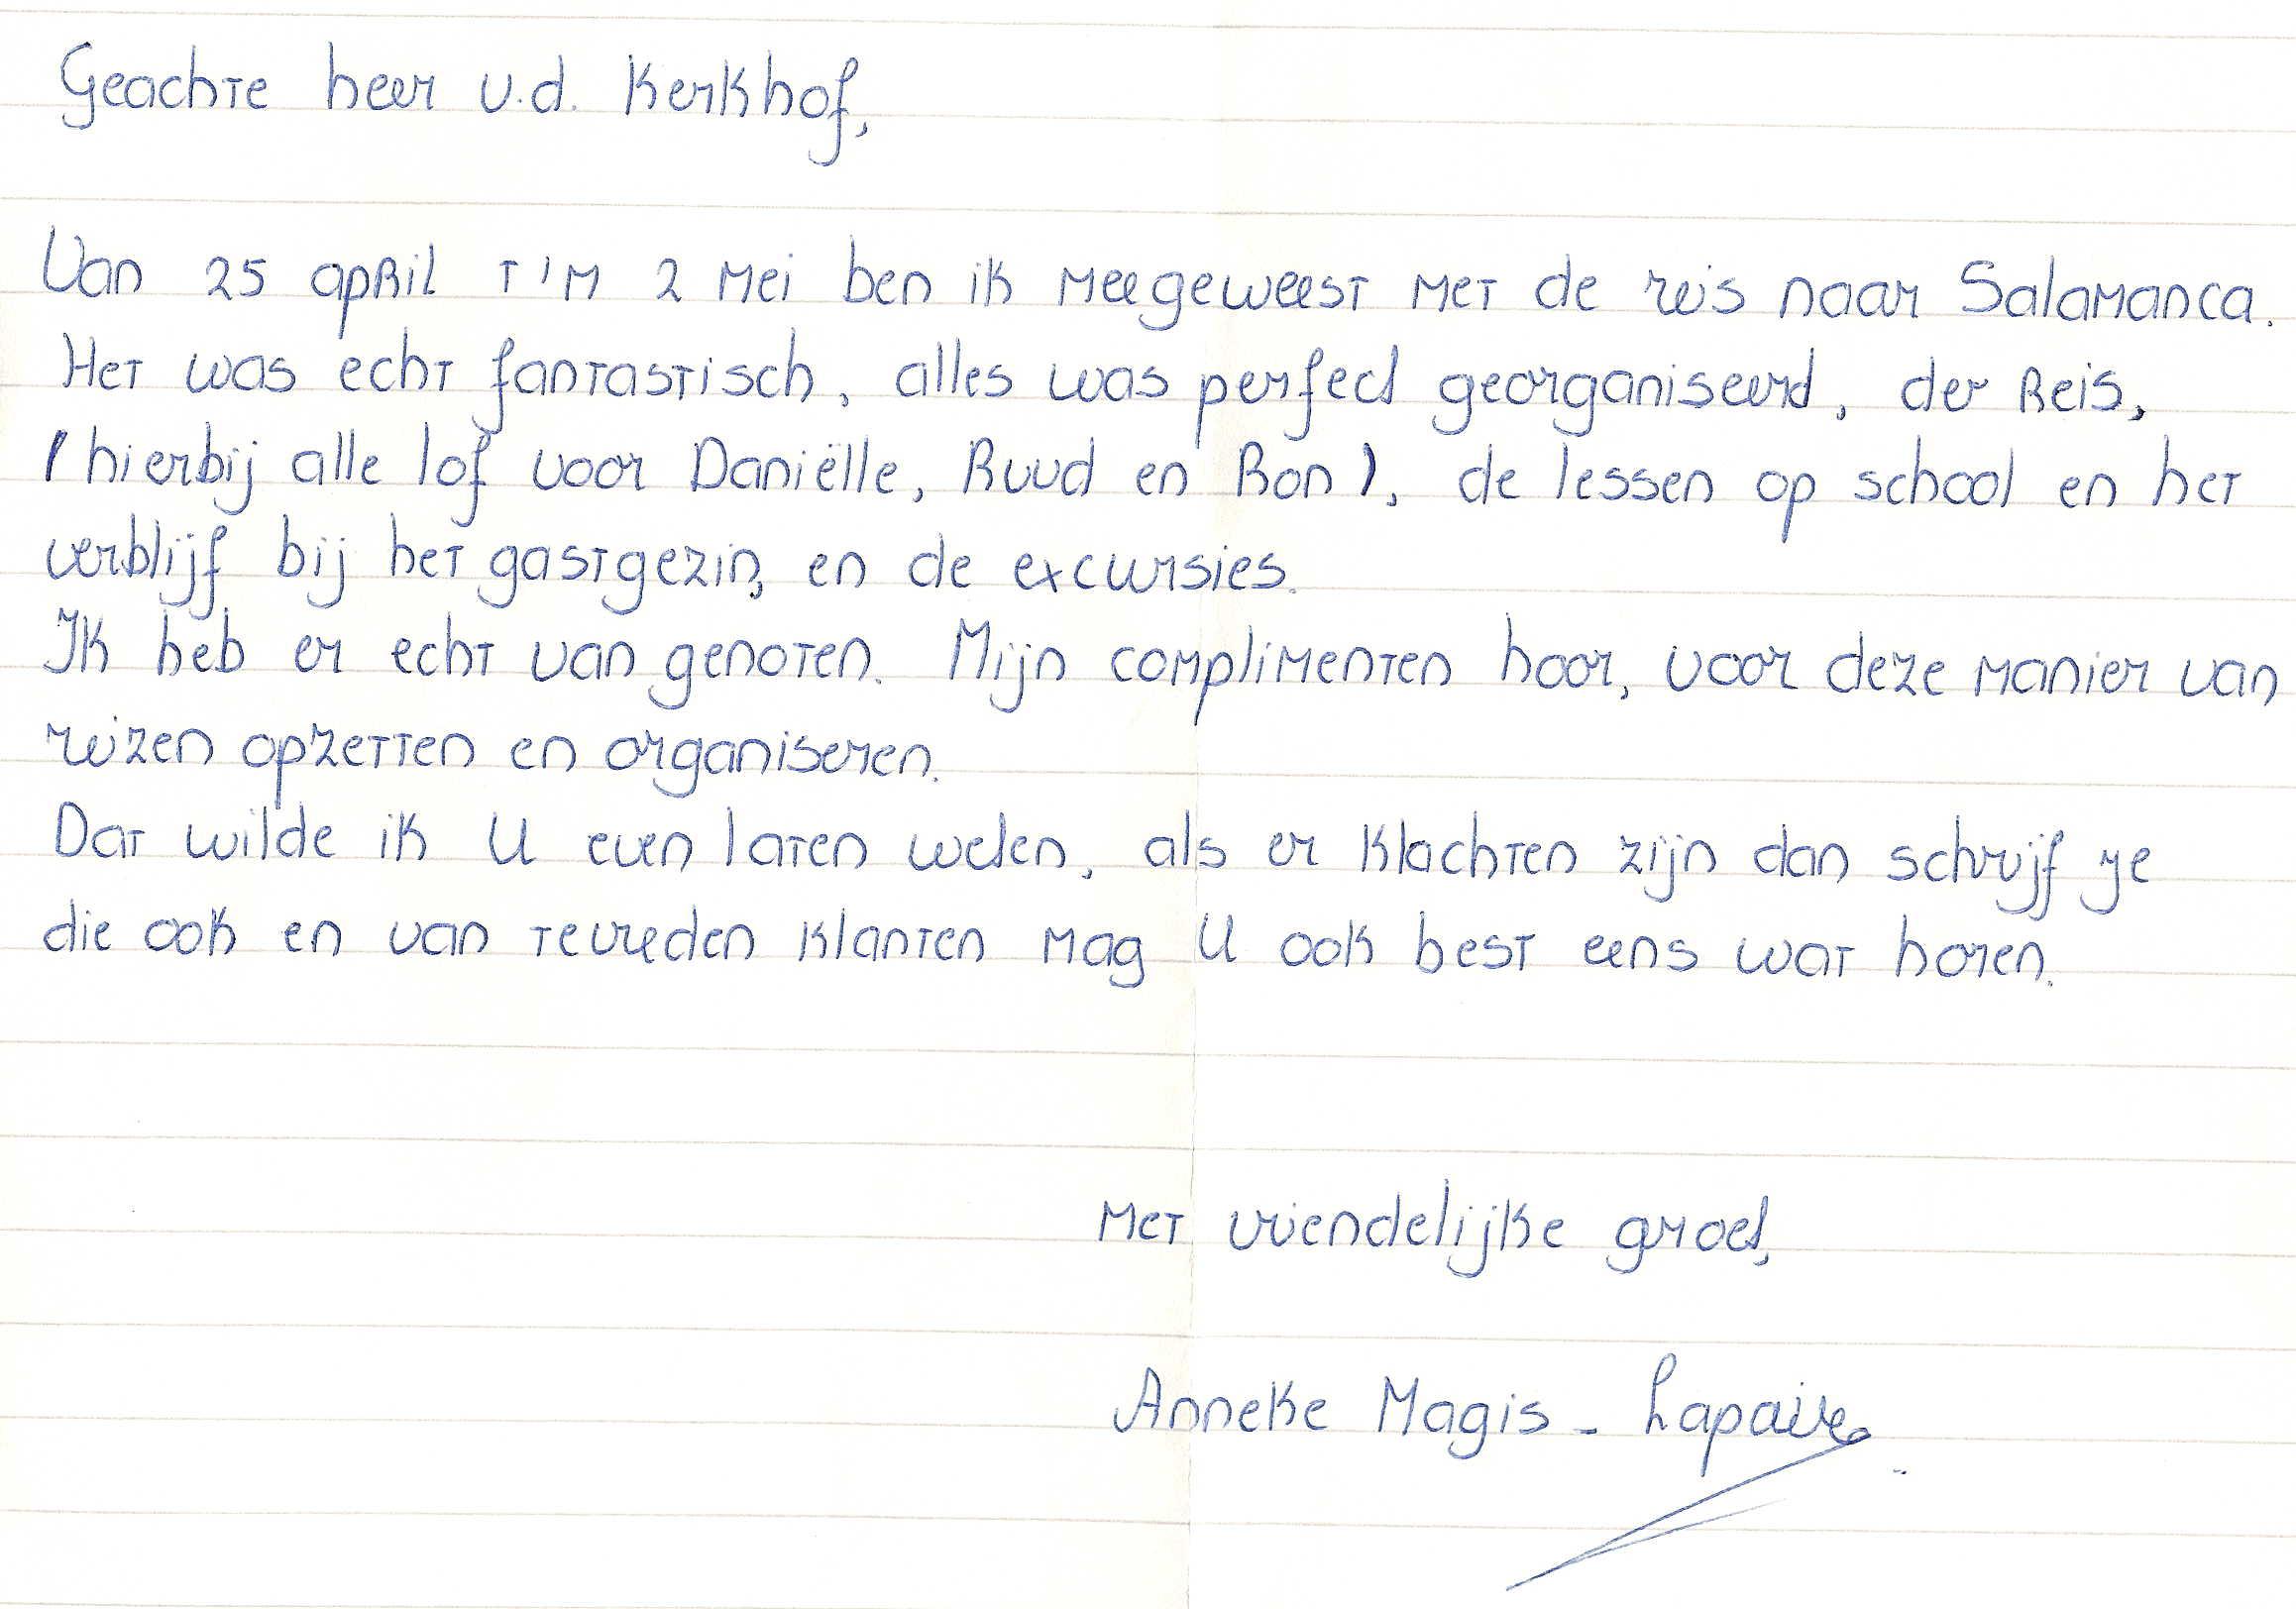 voorbeeldbrief reservering Spaans leren in Spanje voorbeeldbrief reservering